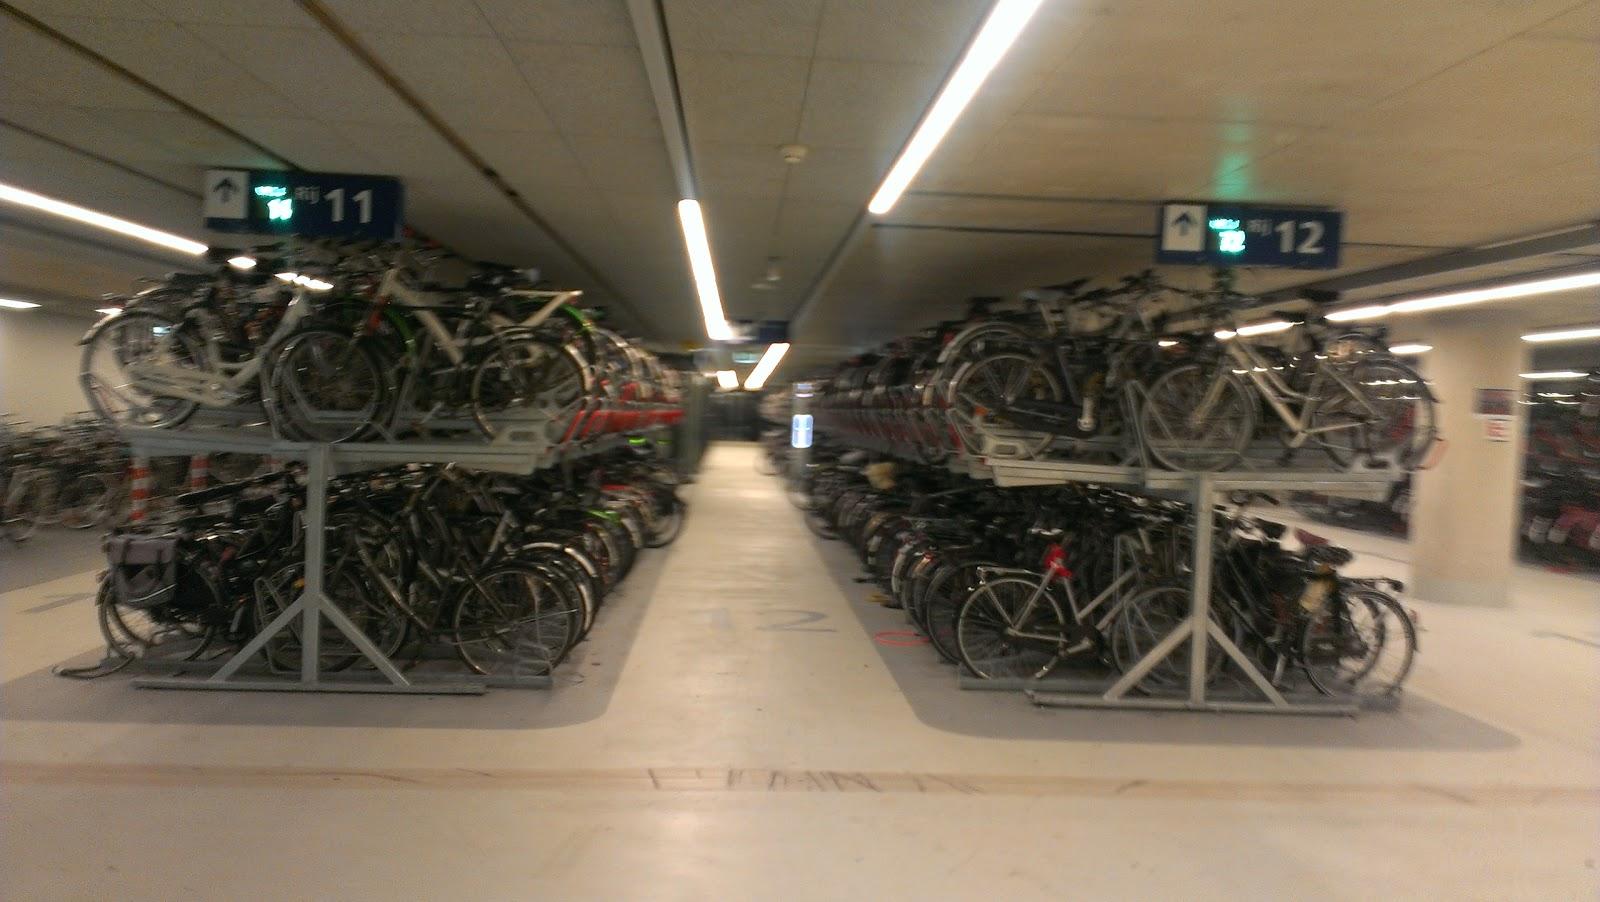 Revolving Transportation Delft Bicycle Parking Garage